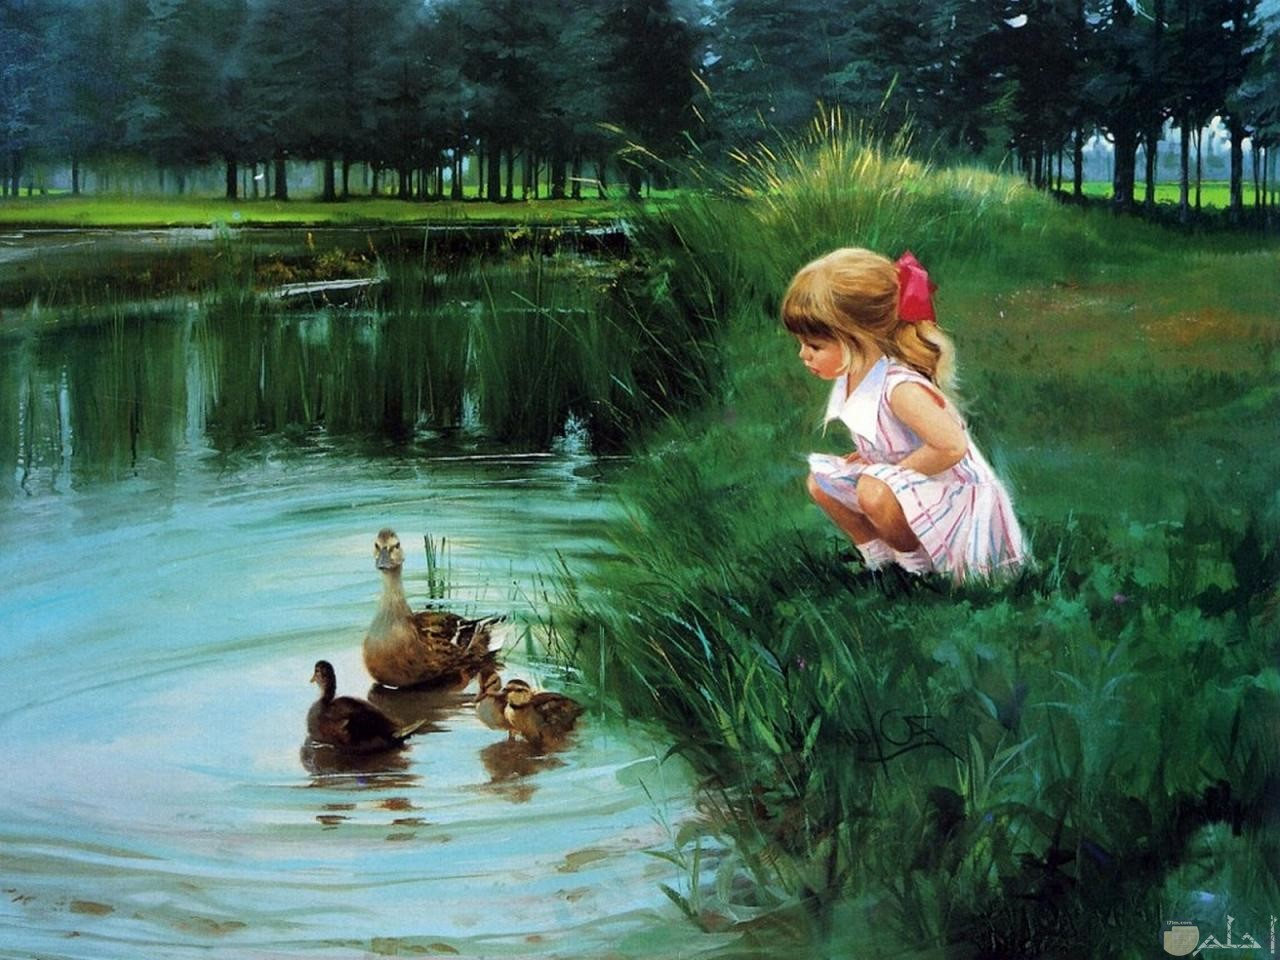 فتاه جالسة امام مجري ماء بها بط